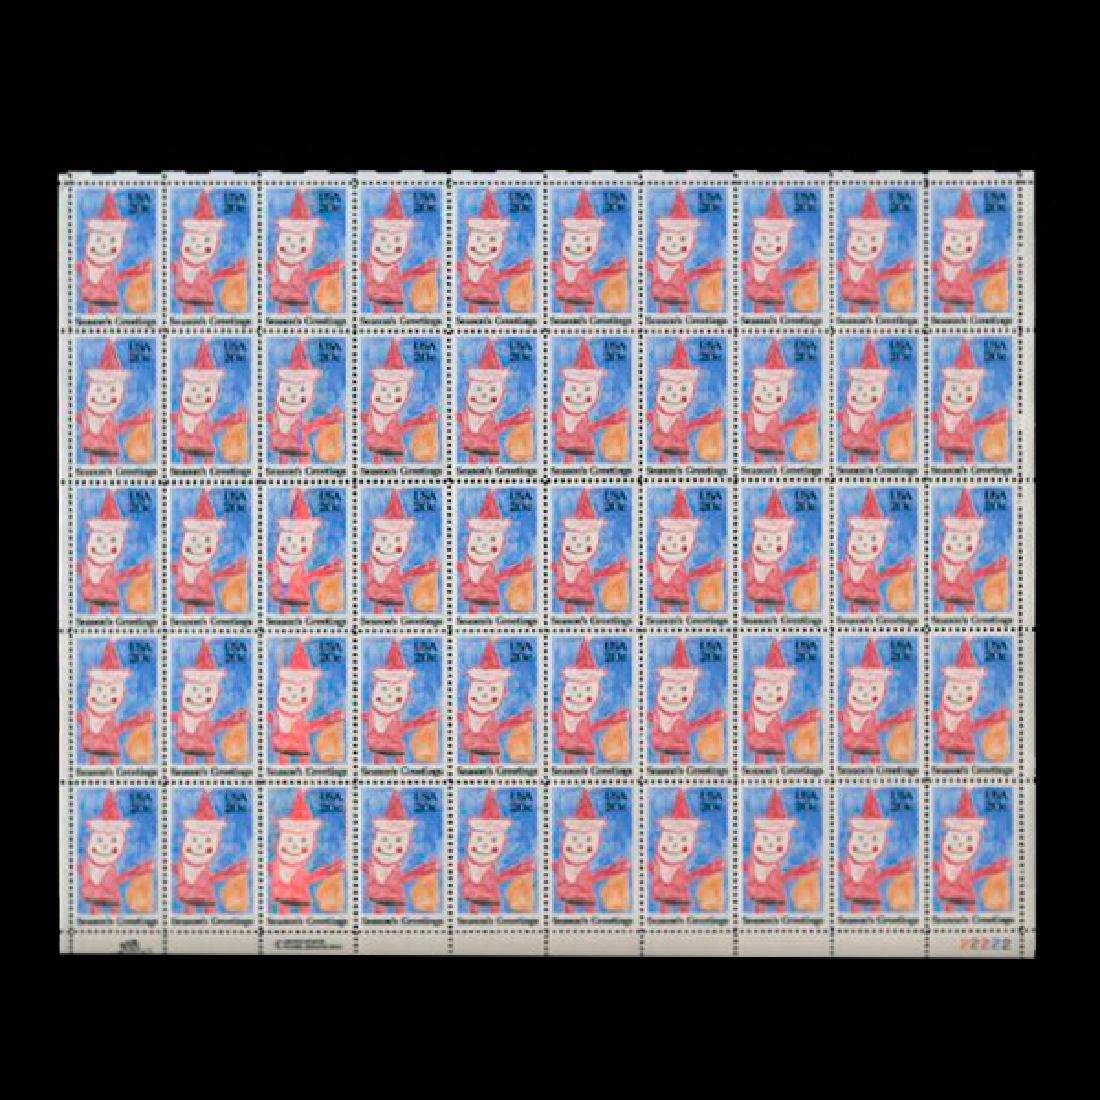 1984 US Sheet 20c Santa Claus Stamps MNH Error RARE